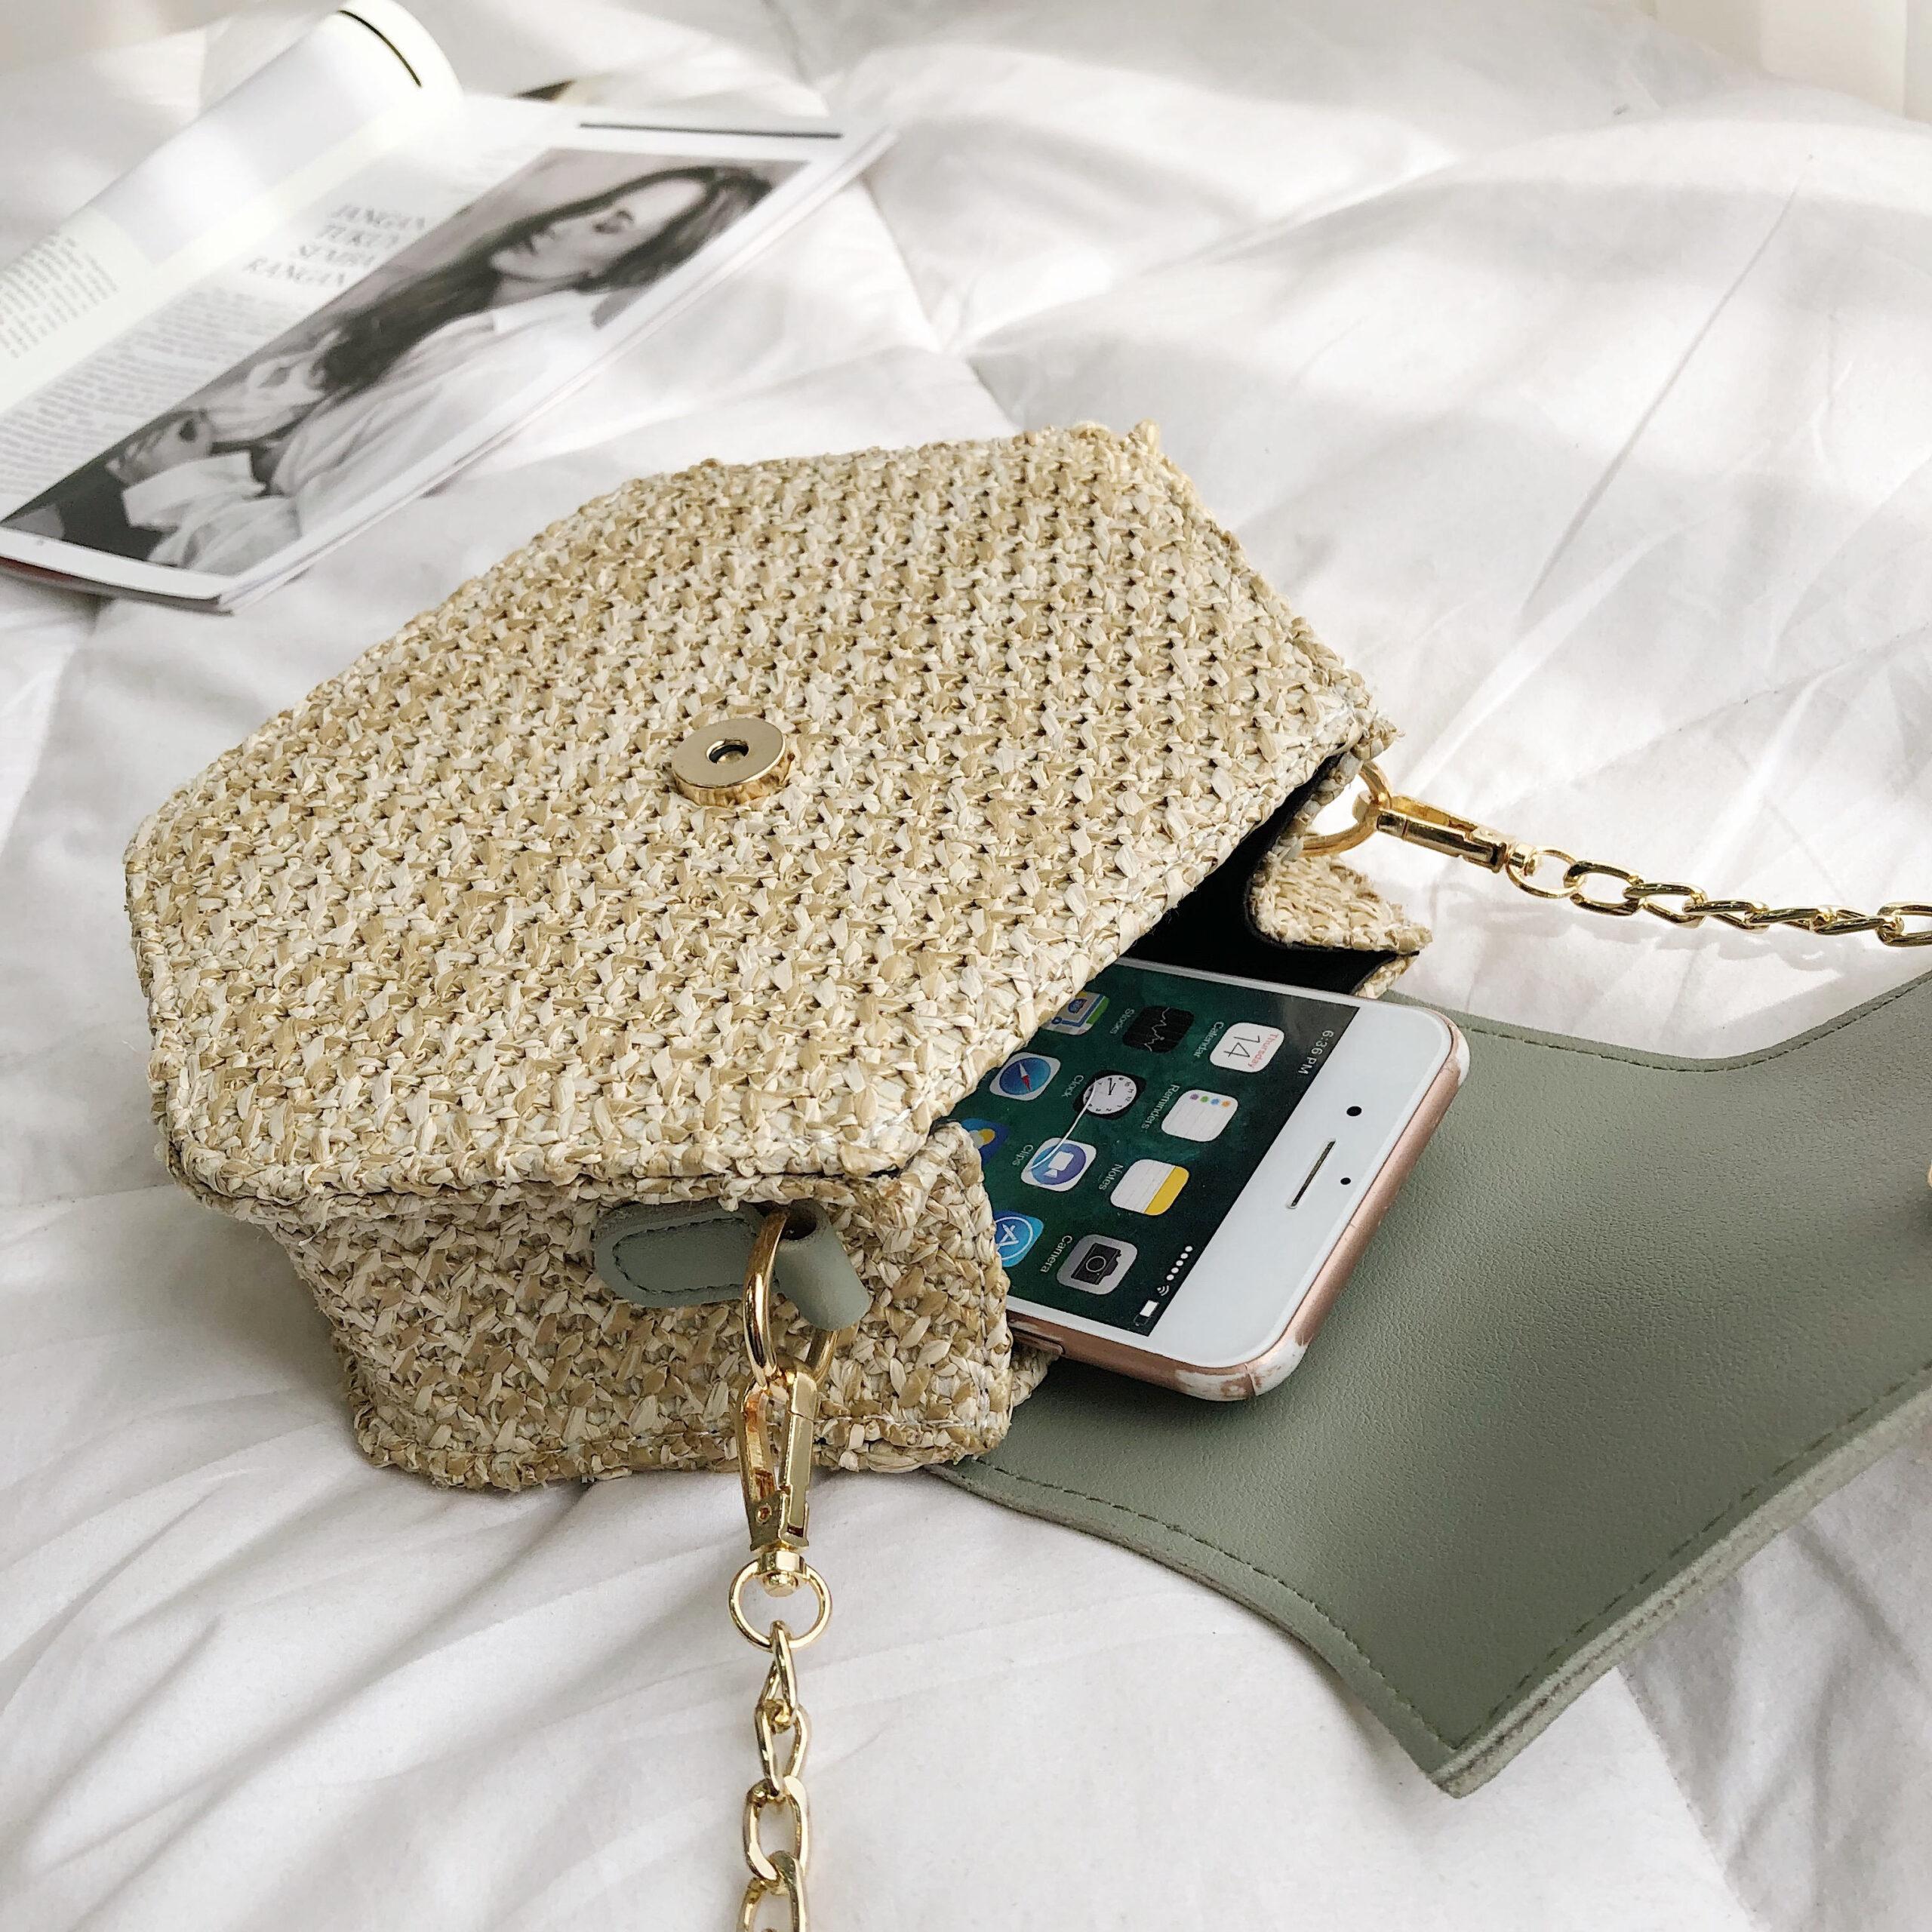 Hexagon Mulit Style słoma + skórzana torebka damska letnia torebka ratanowa ręcznie tkana plaża koło Bohemia torba na ramię New Fashion